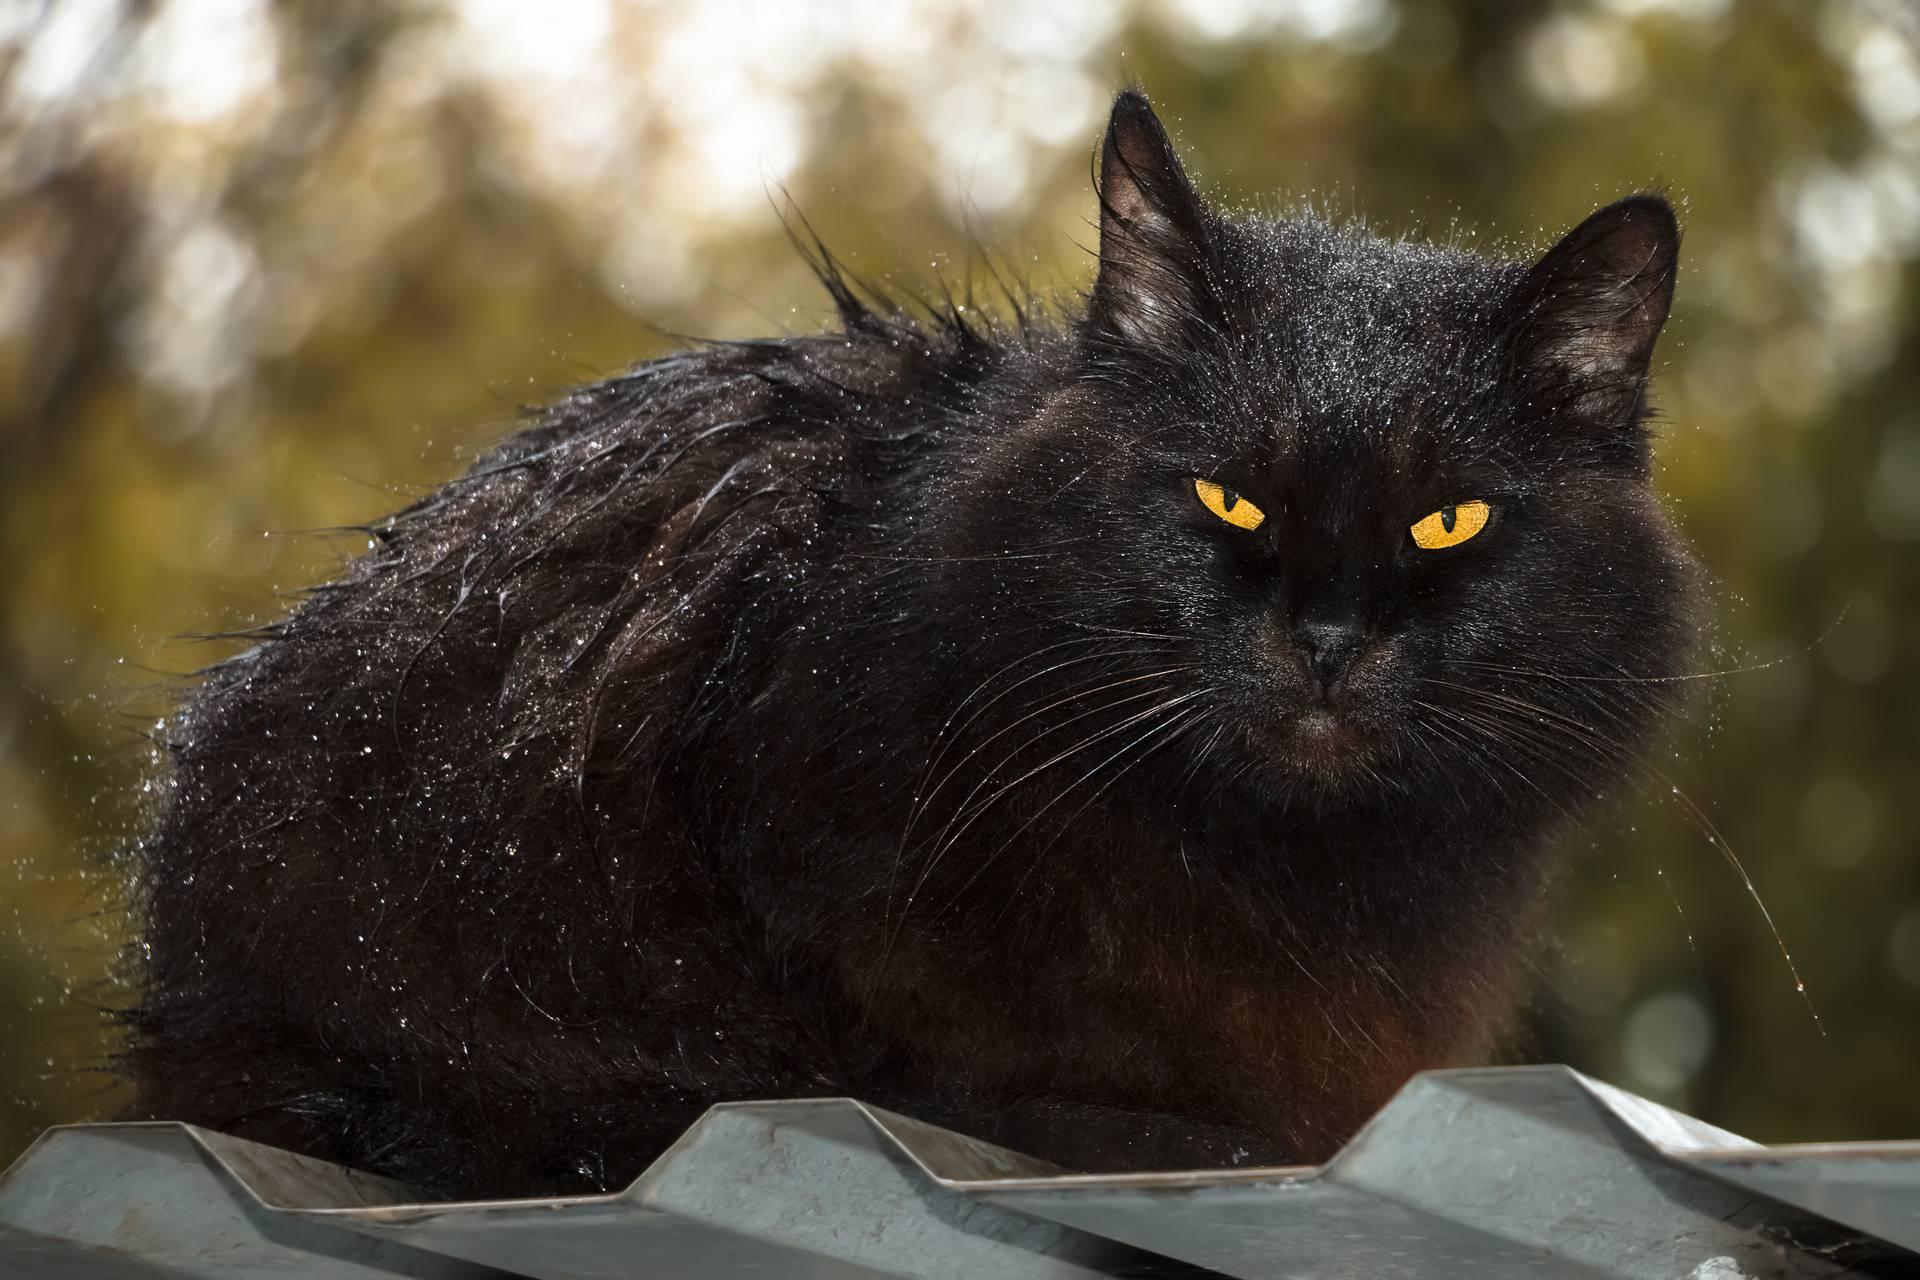 Znate li zašto mačke mrze vodu?